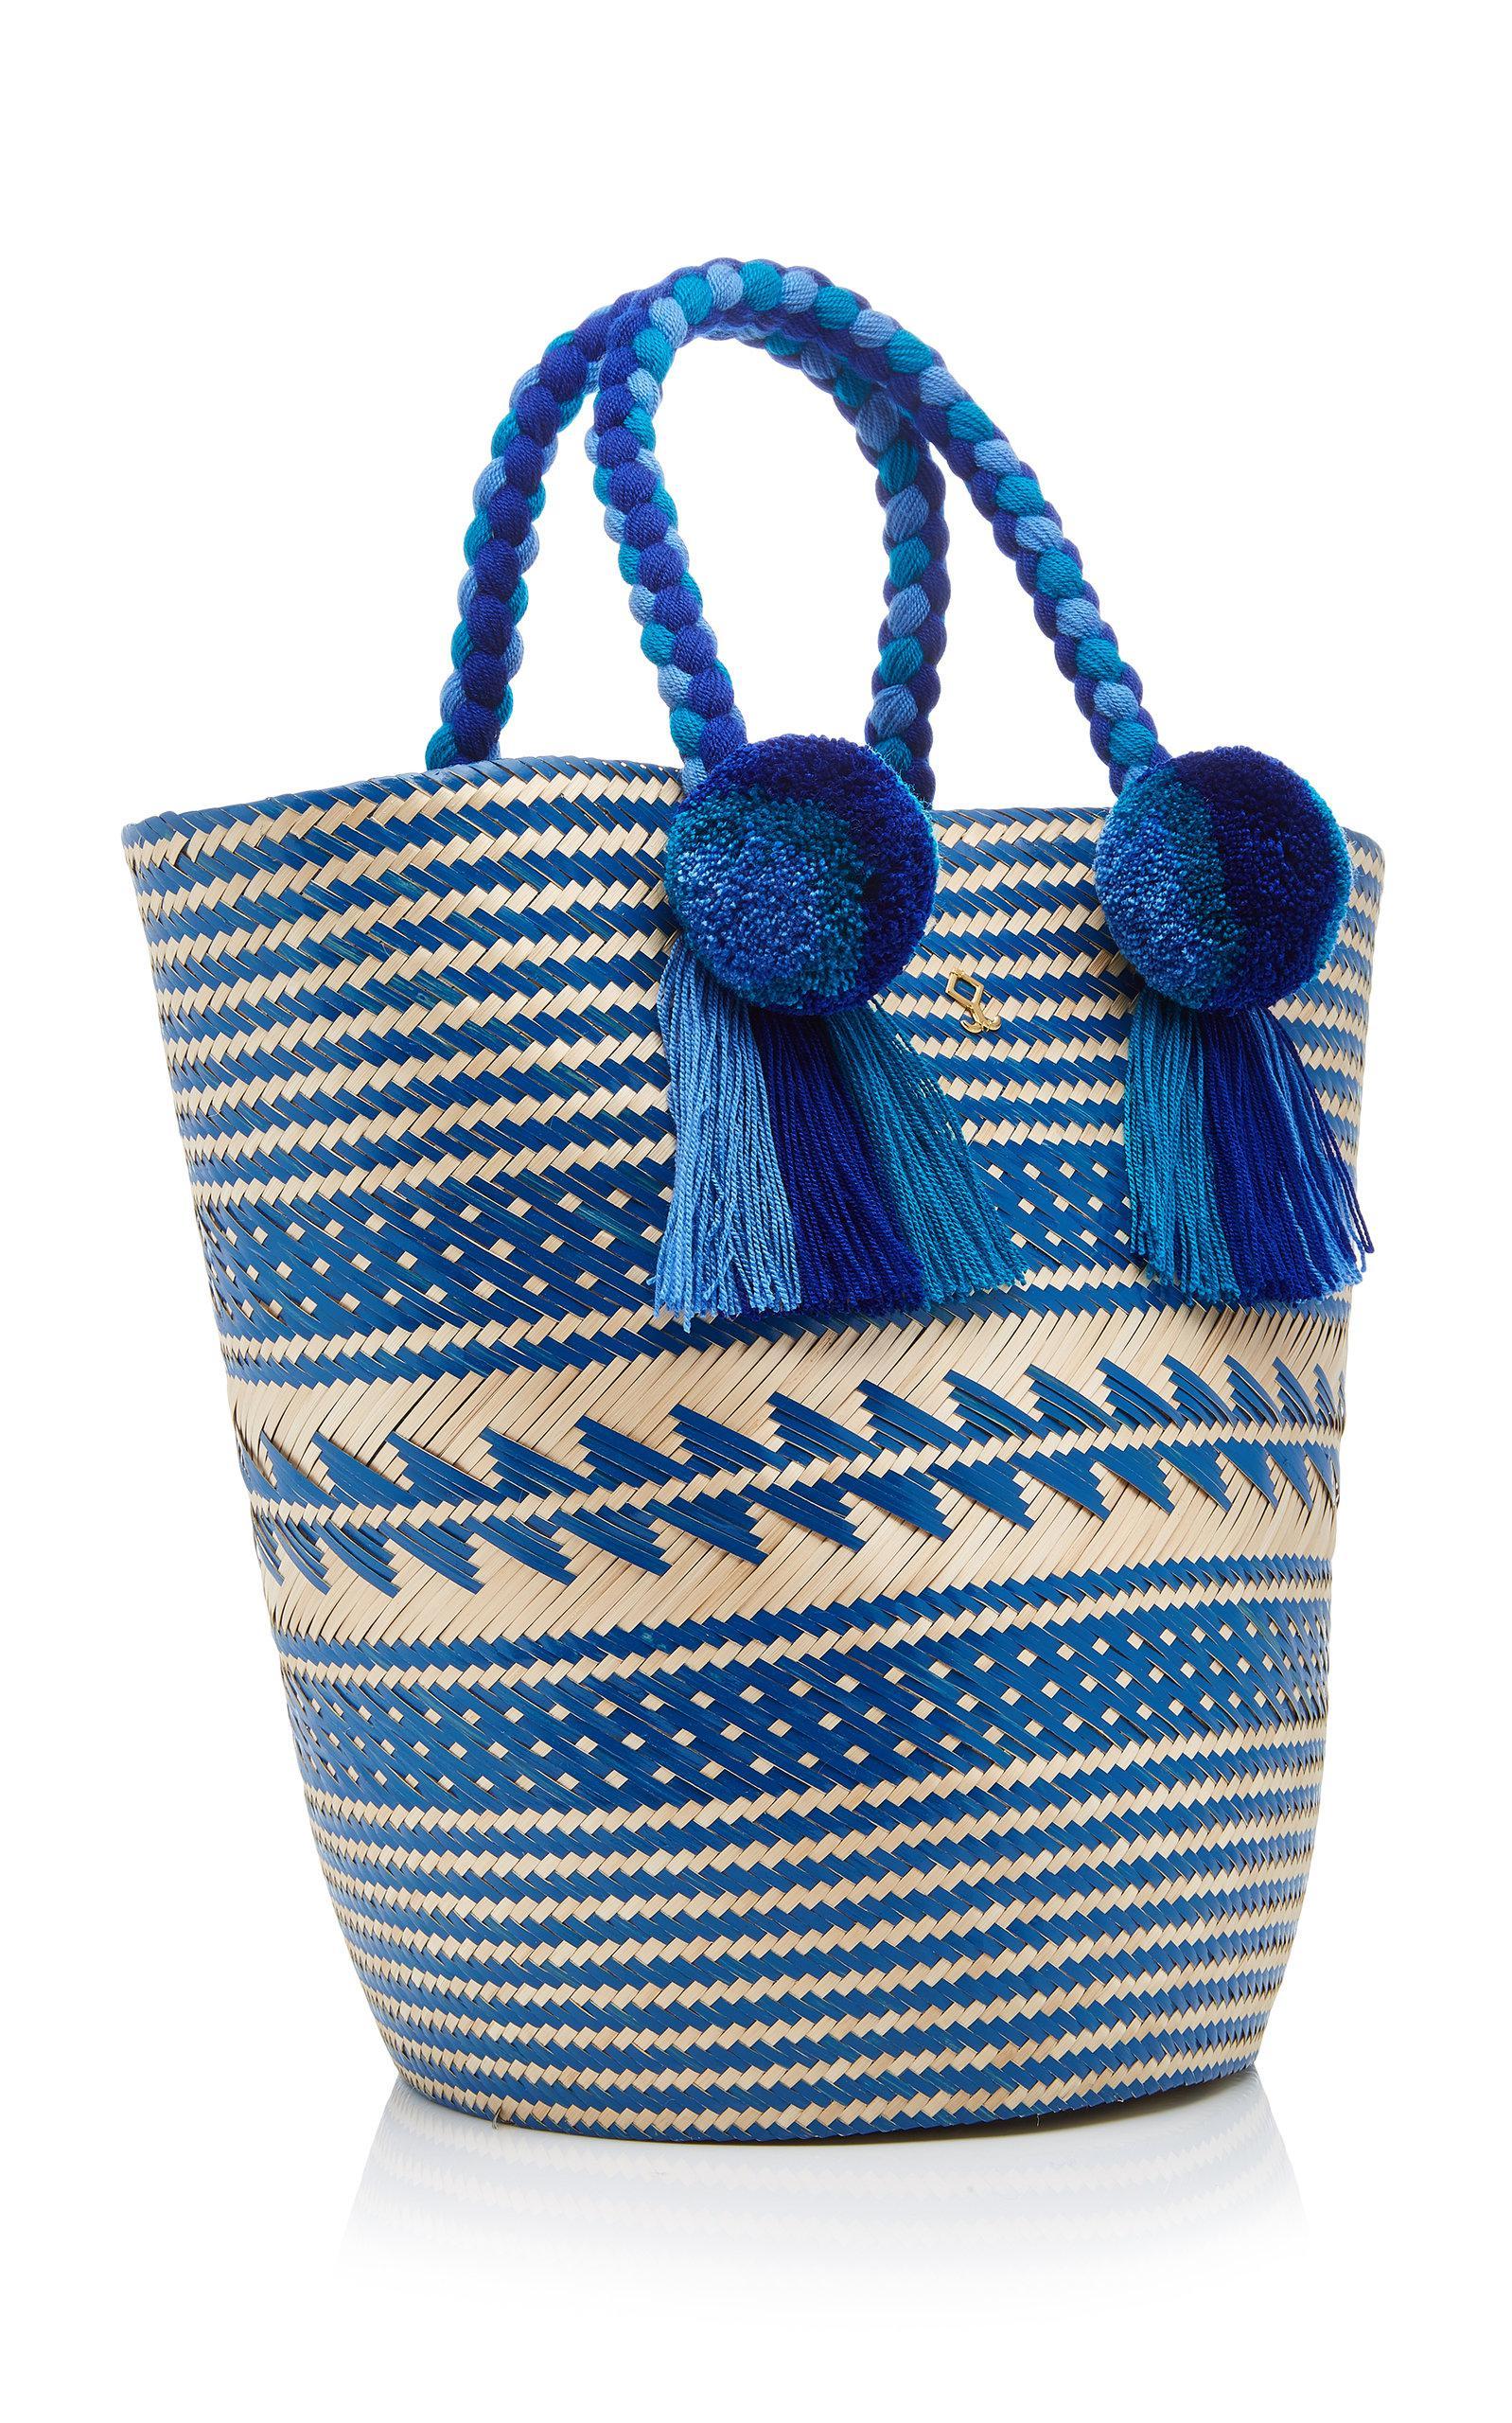 Yosuzi Cotton Anisa Tote in Blue